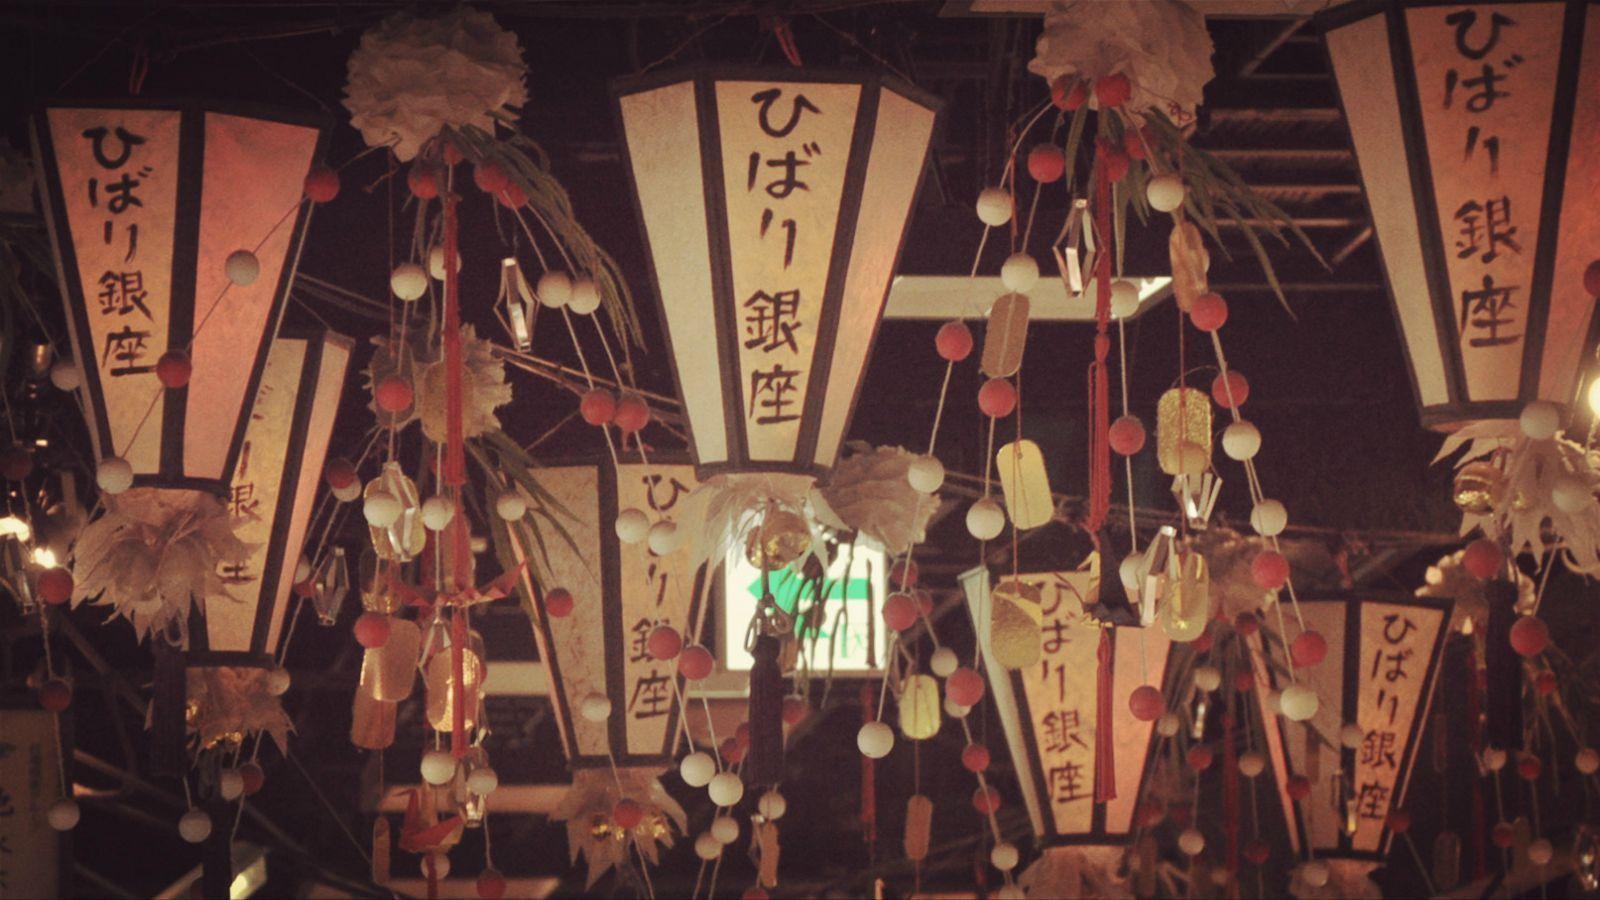 日本全面除去中國漢字,但是一個字卻去不掉,全日本人都認識! 作者: 來源:李不言說旅游